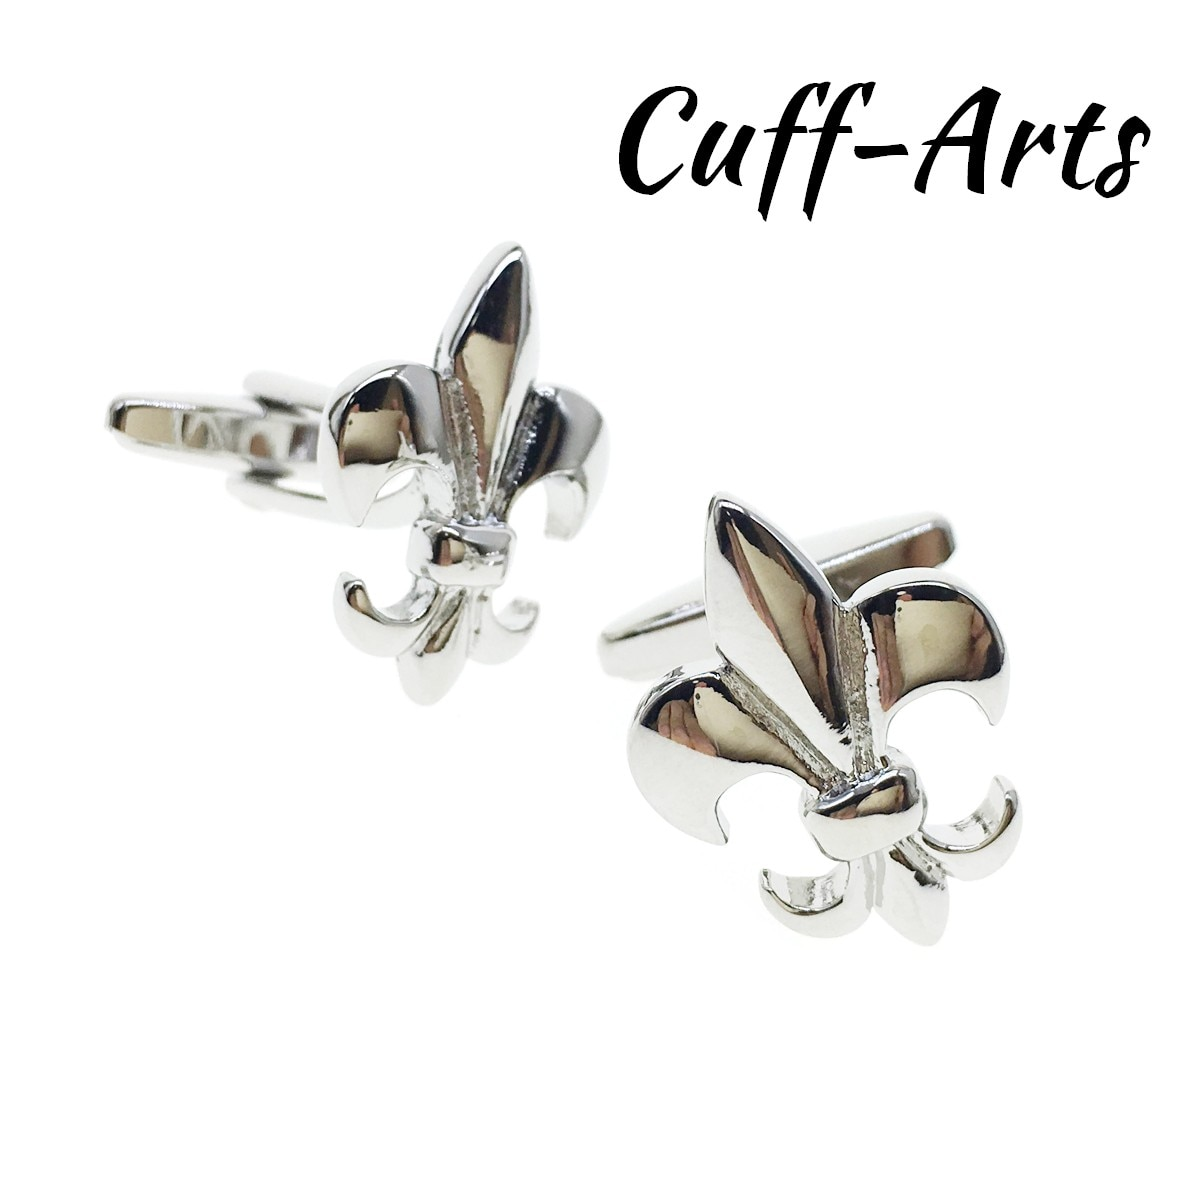 Abotoaduras para homem liras abotoaduras presente de alta qualidade jóias gemelos gemelli spinki por cuffarts c10476